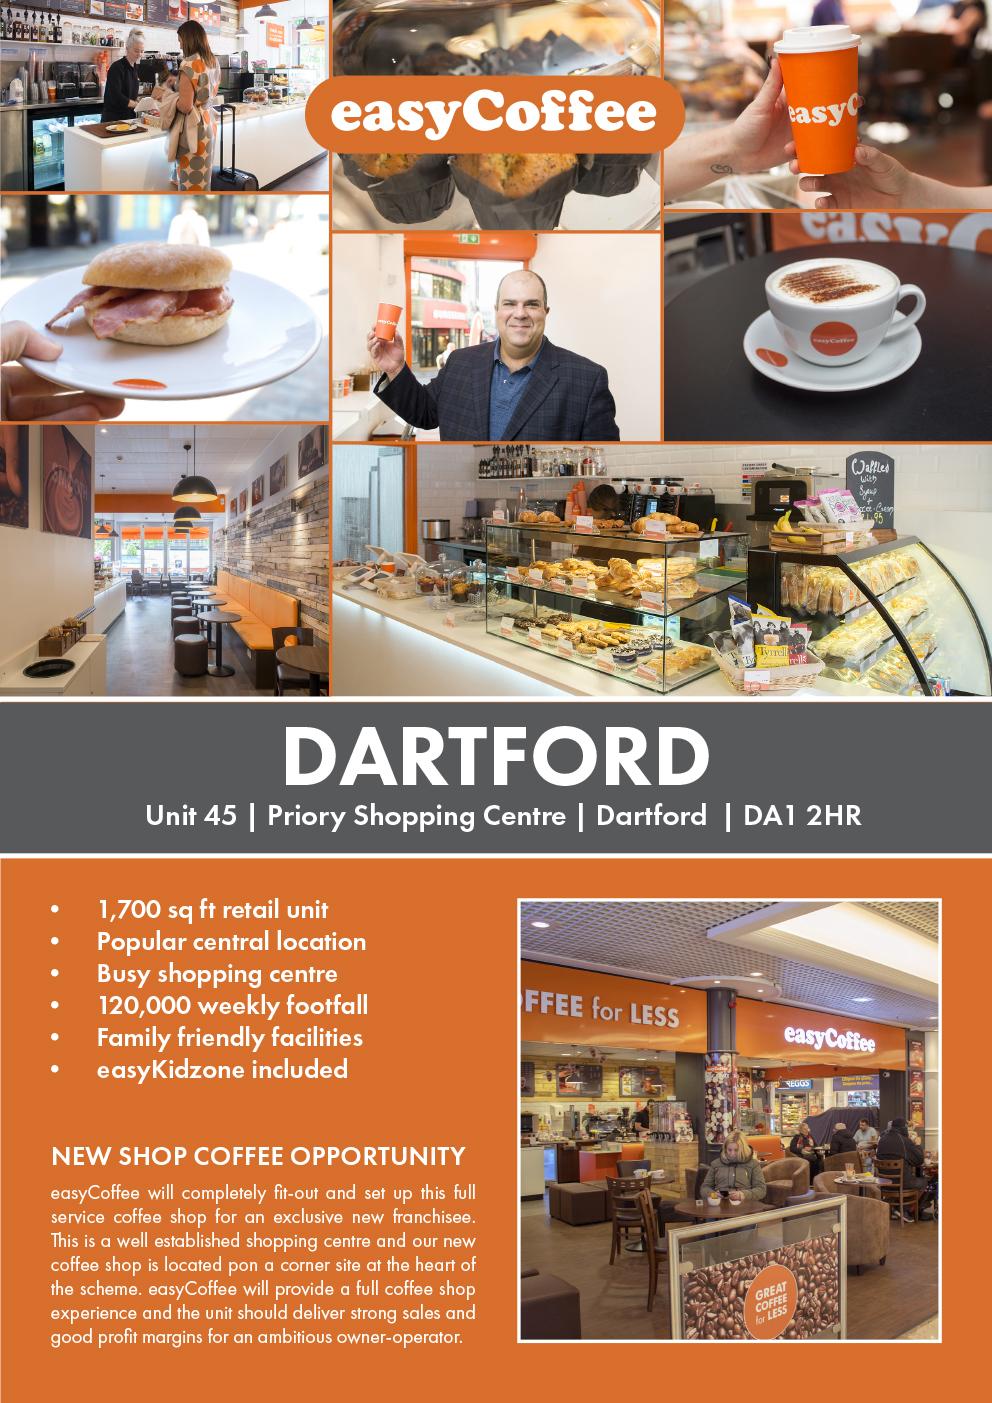 easyCoffee shop_Dartford_1.jpg